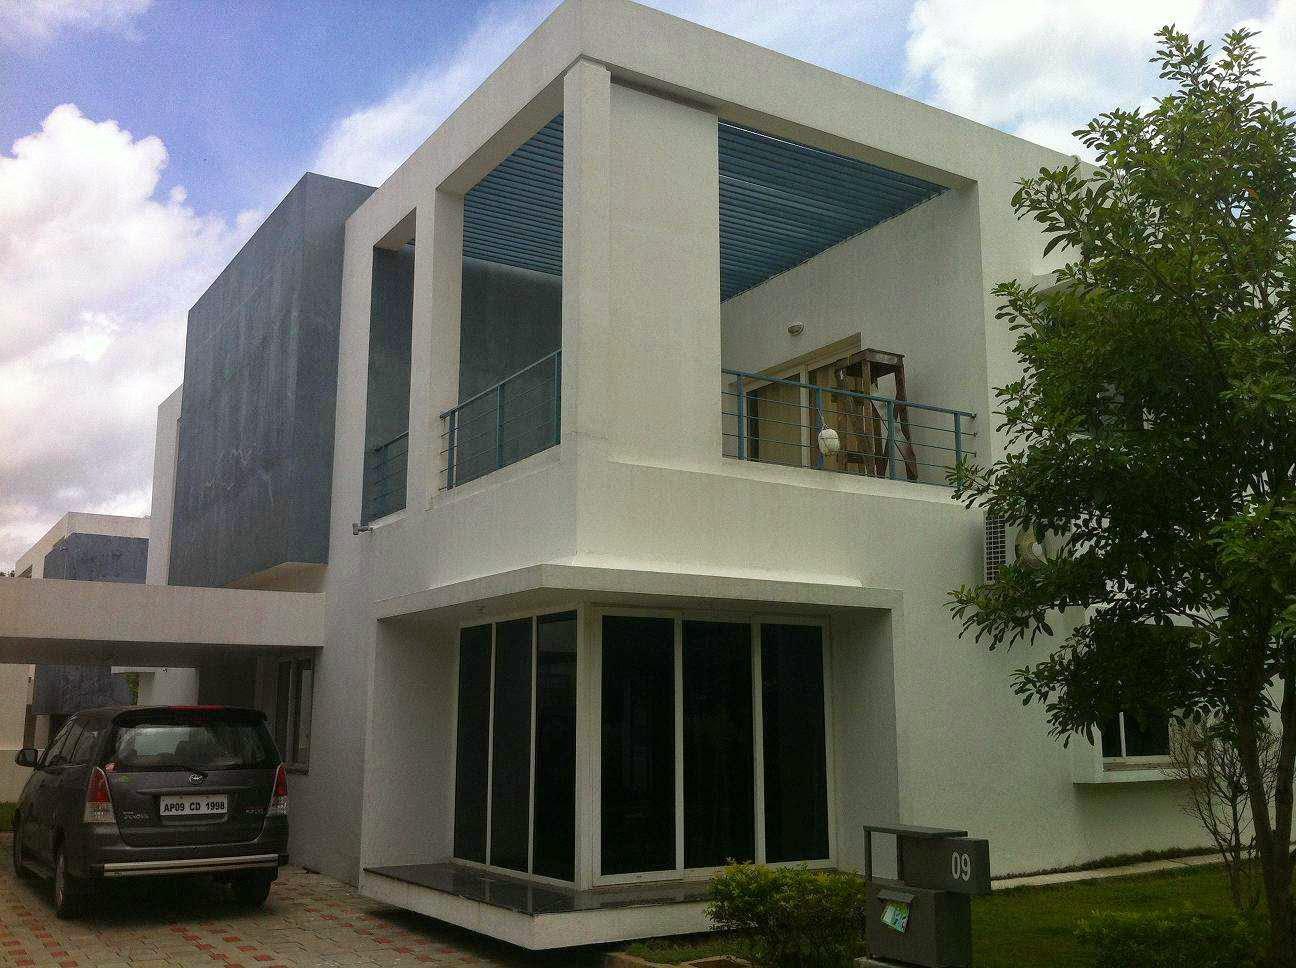 mahesh babu house in jubilee hills news india